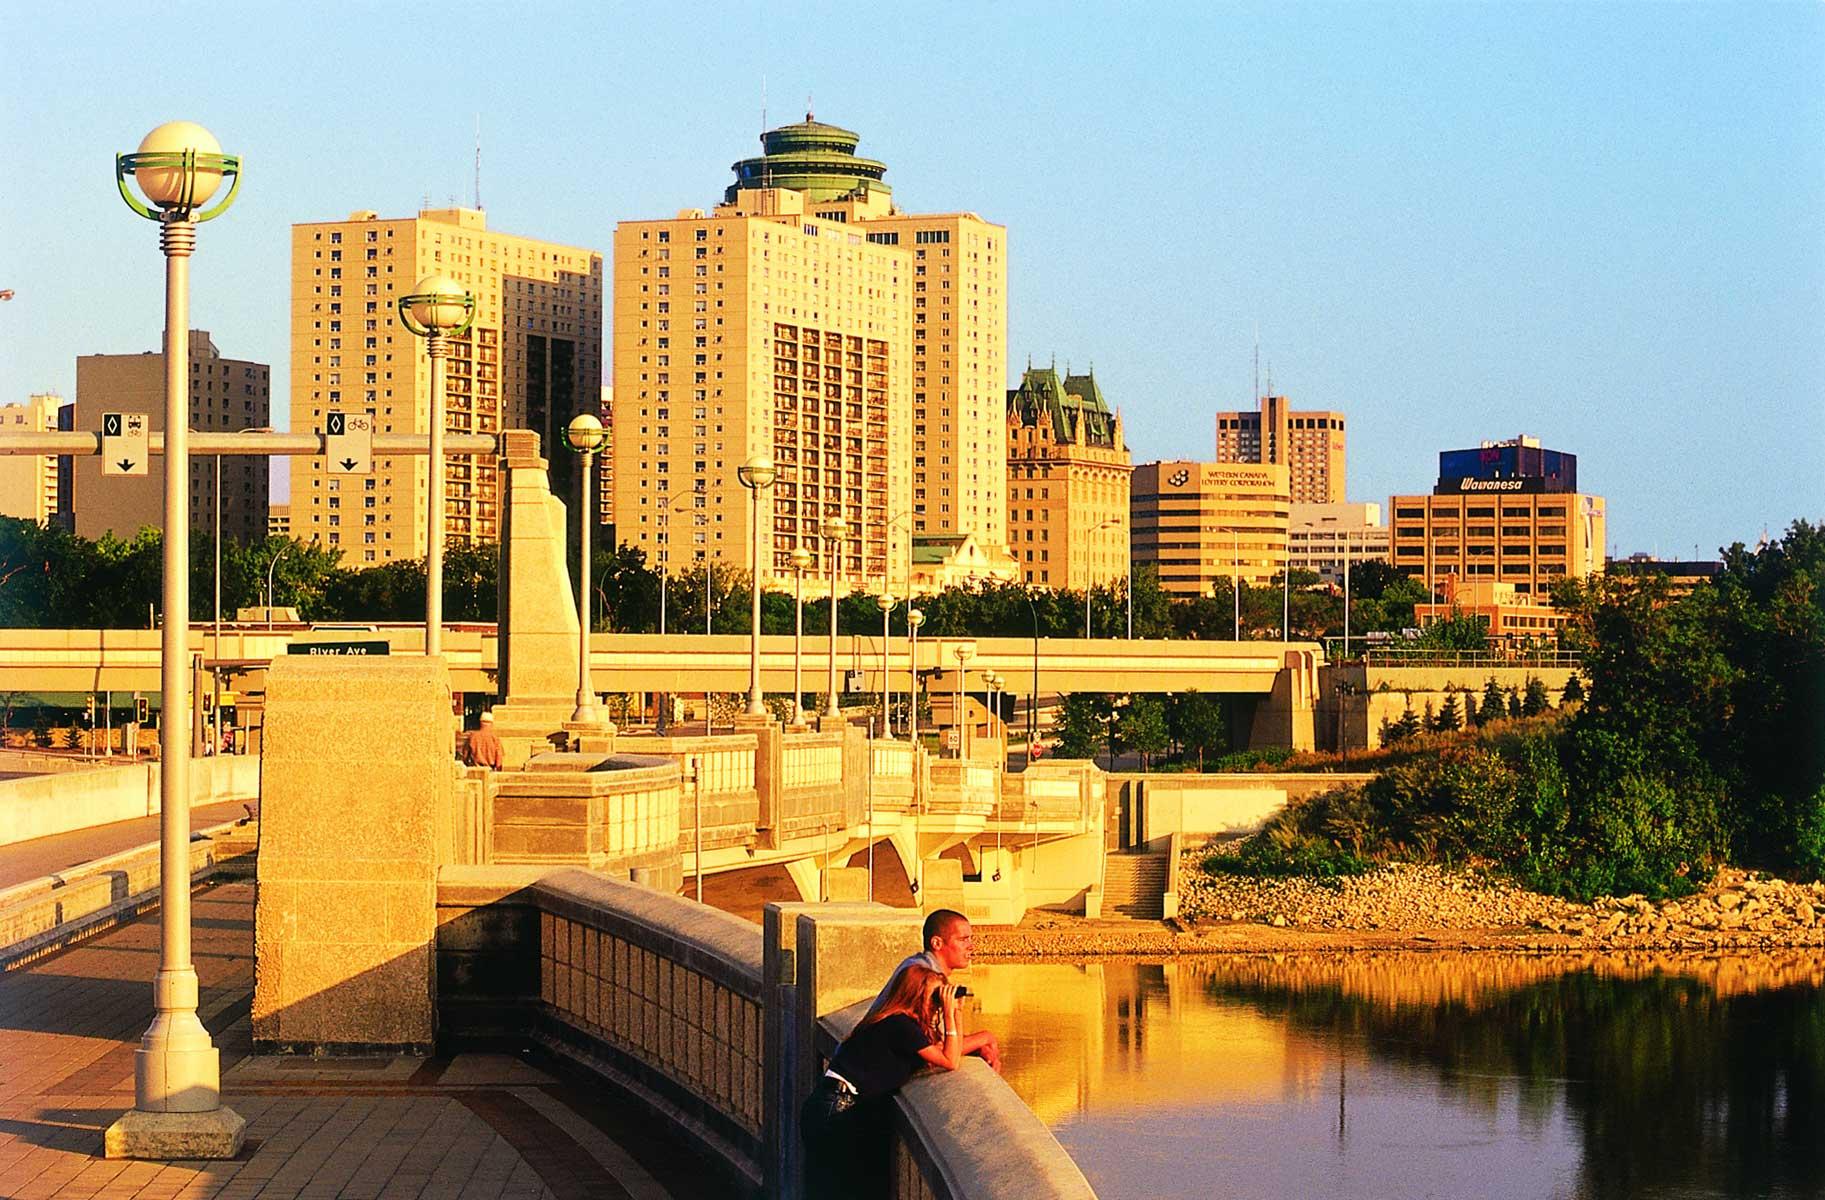 Winnipeg-Architecture-Manitoba-Canada